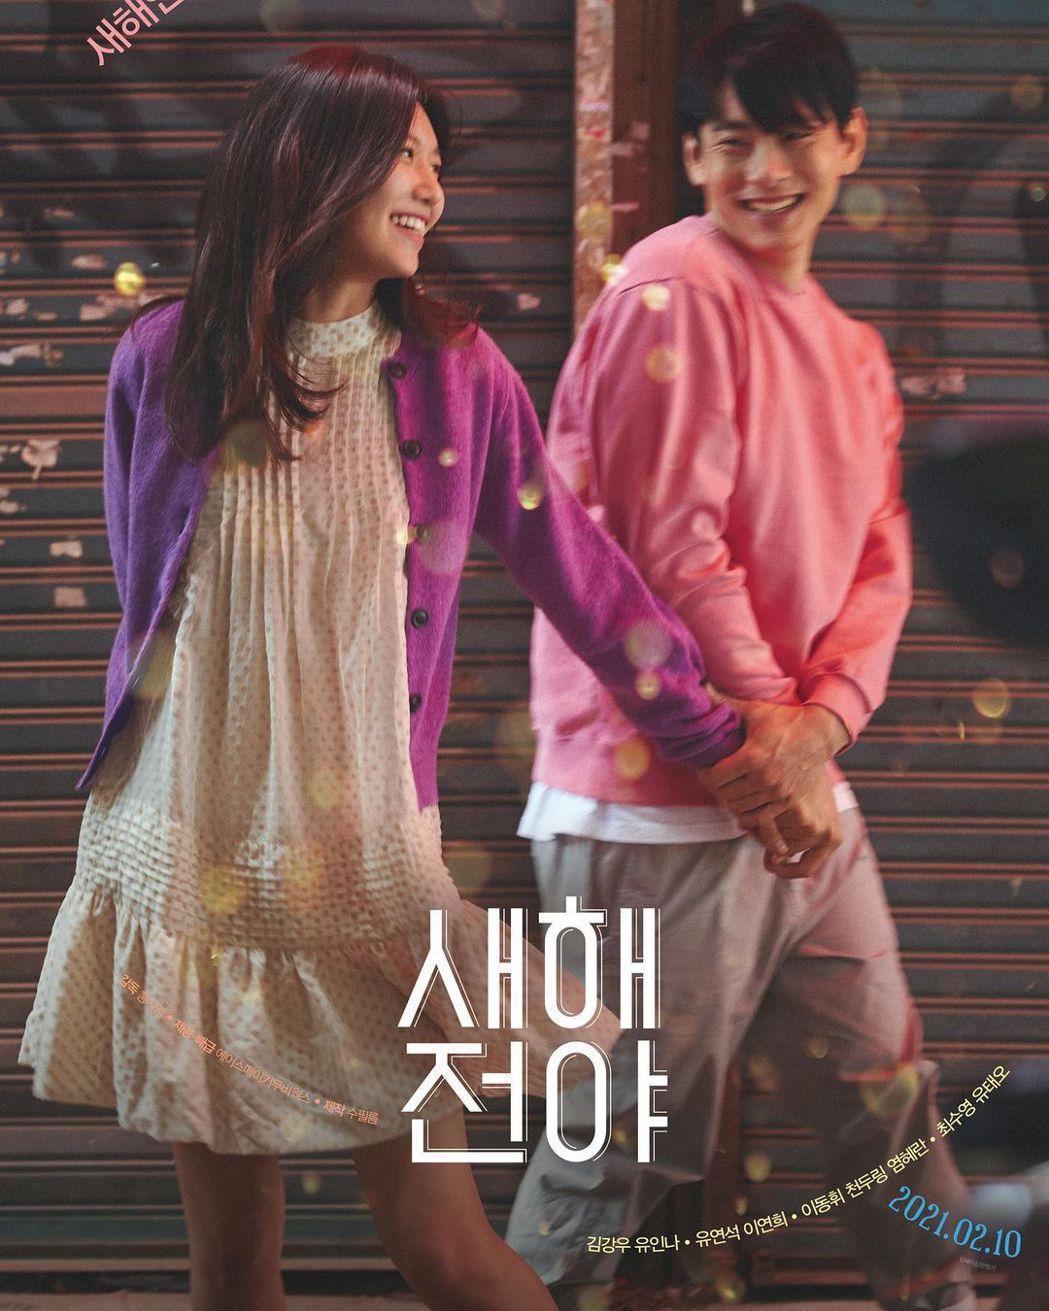 秀英搭檔劉台午演出電影「今天決定我愛你」。圖/擷自IG